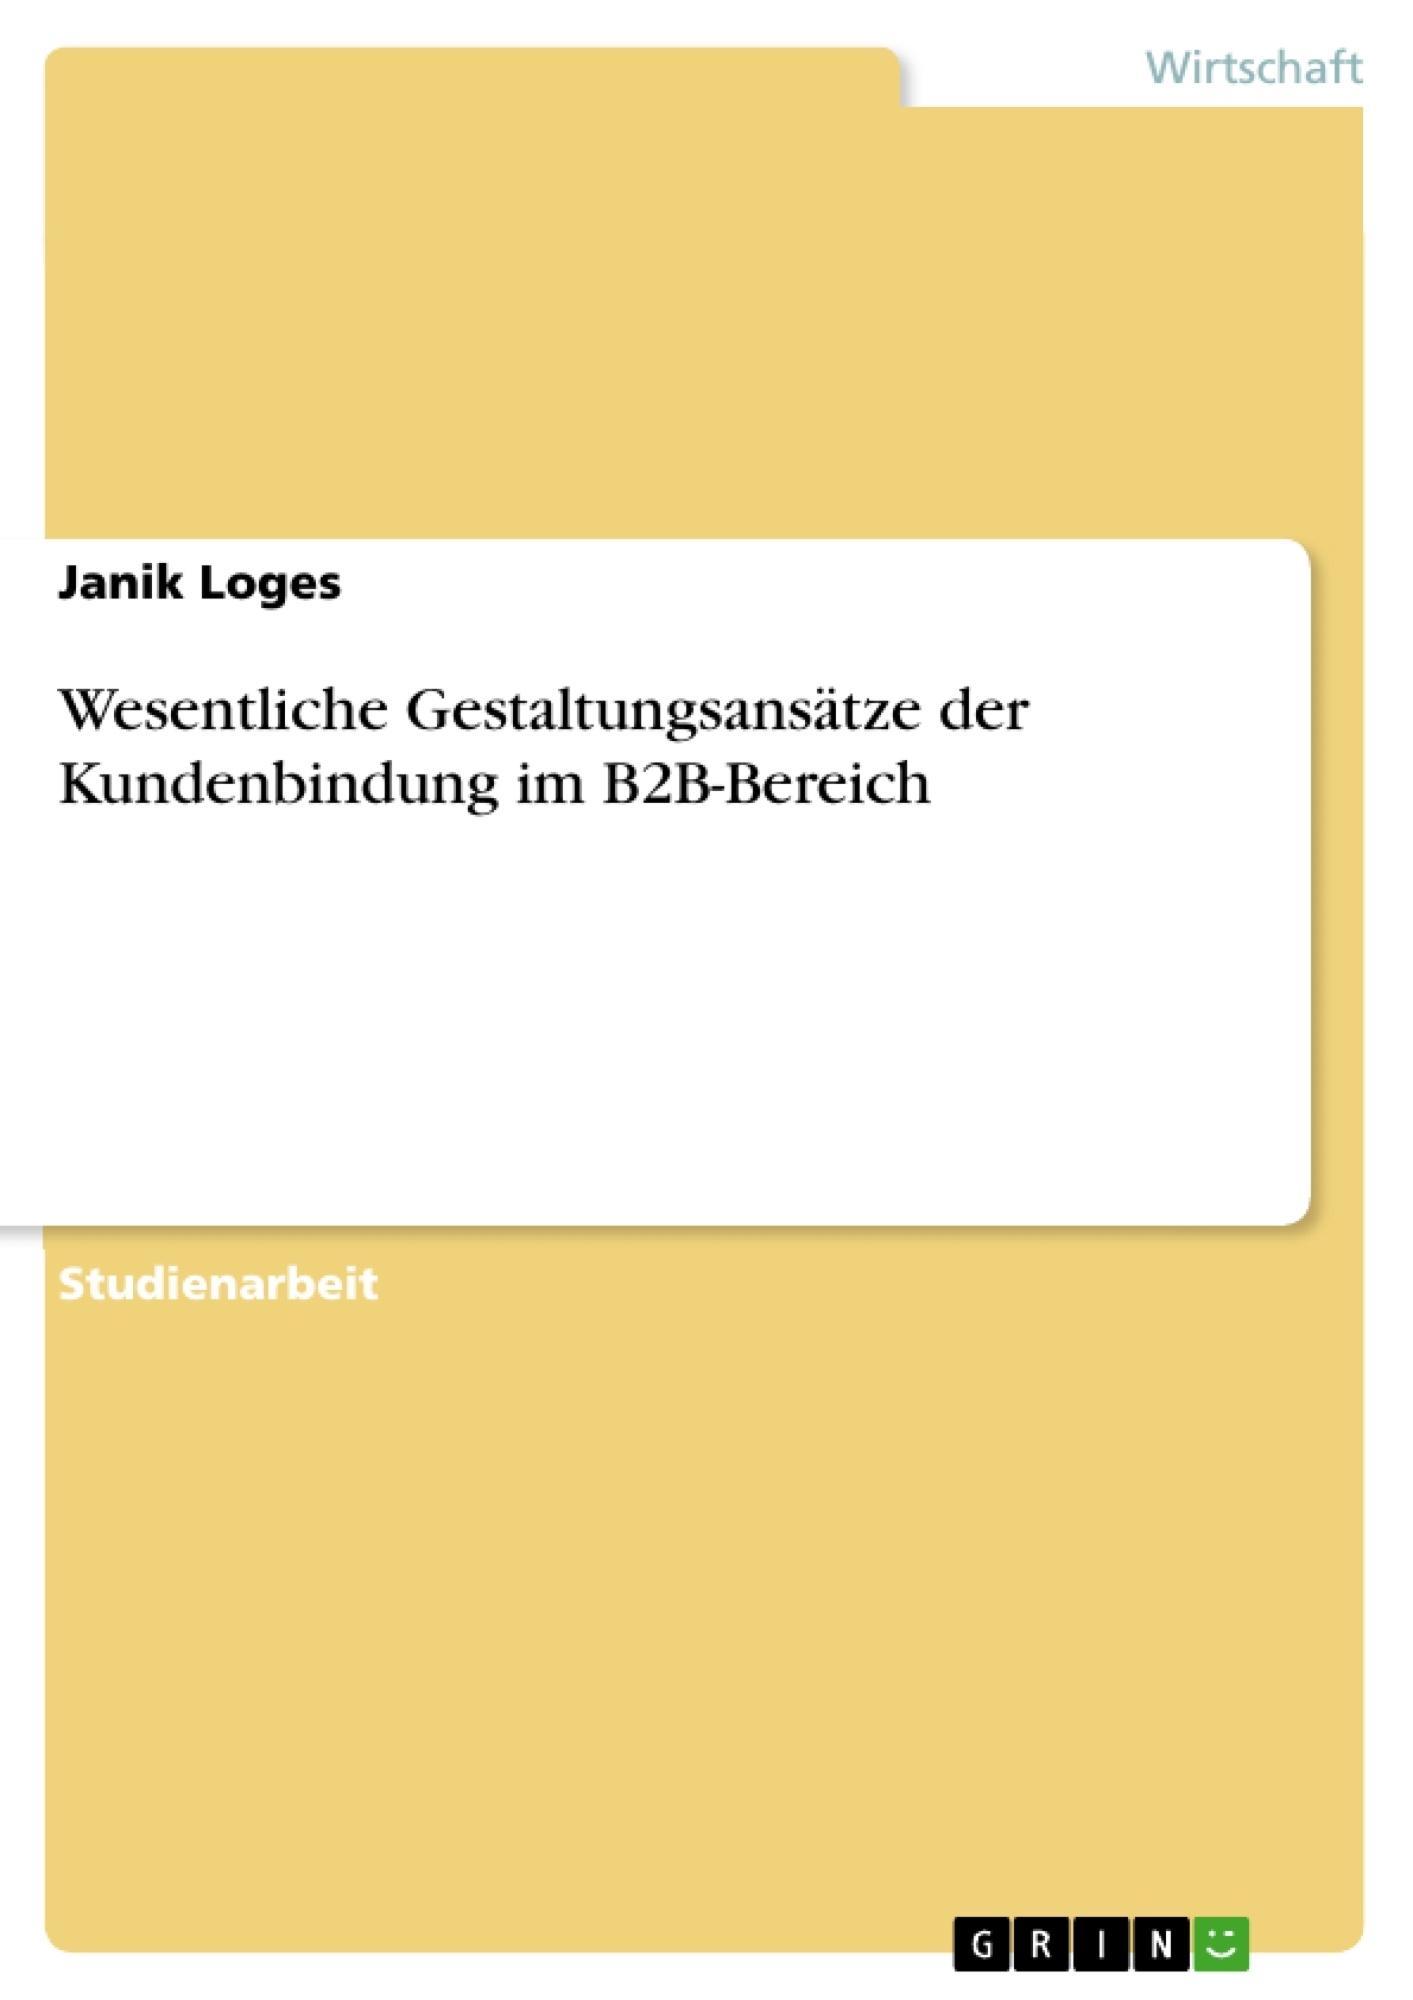 Titel: Wesentliche Gestaltungsansätze der Kundenbindung im B2B-Bereich